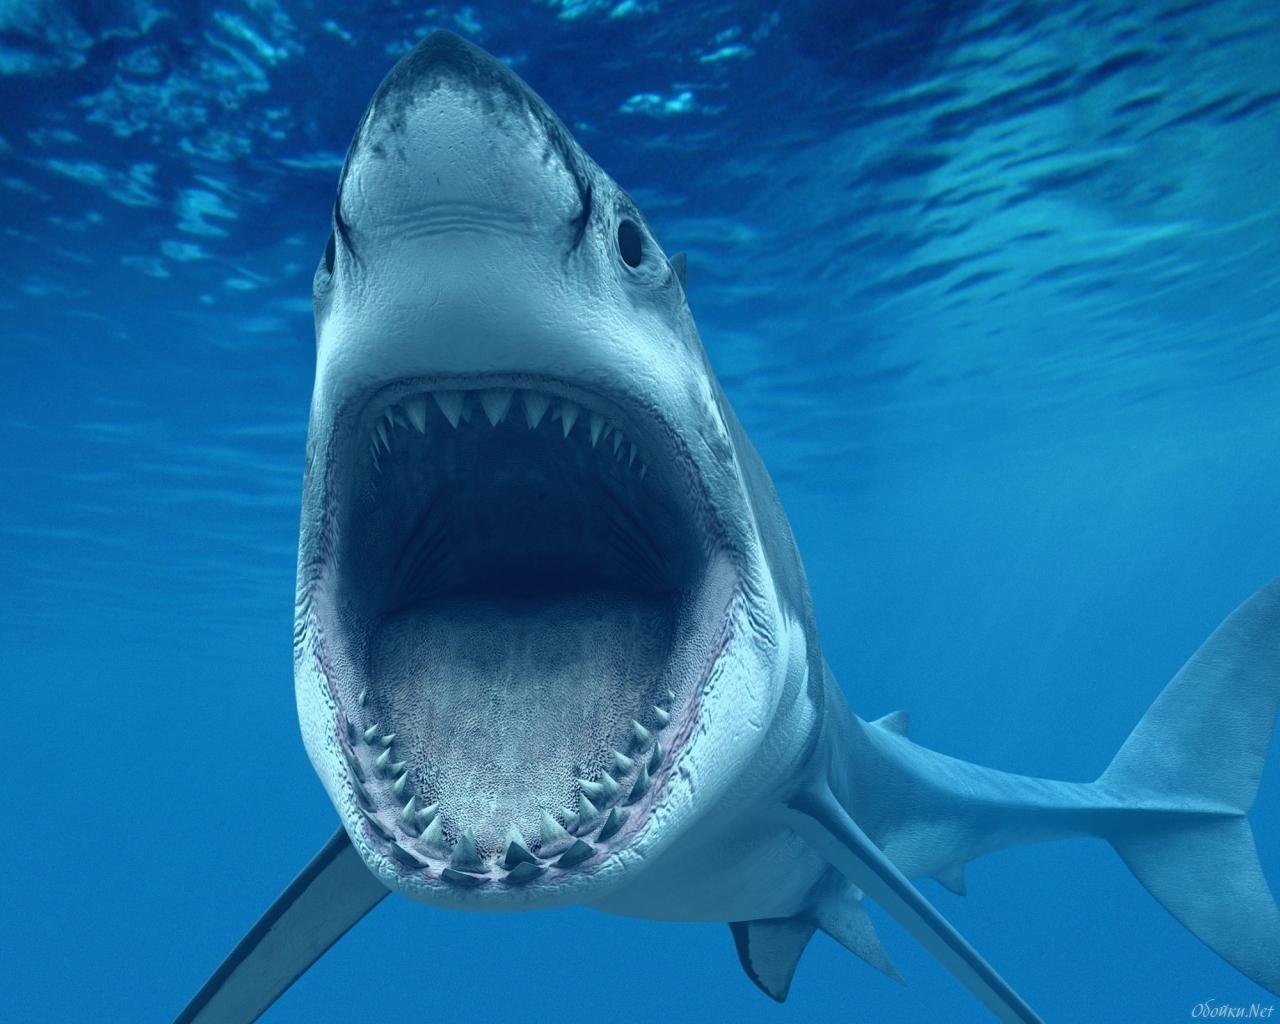 21053 Заставки и Обои Рыбы на телефон. Скачать Рыбы, Акулы, Животные, Море картинки бесплатно